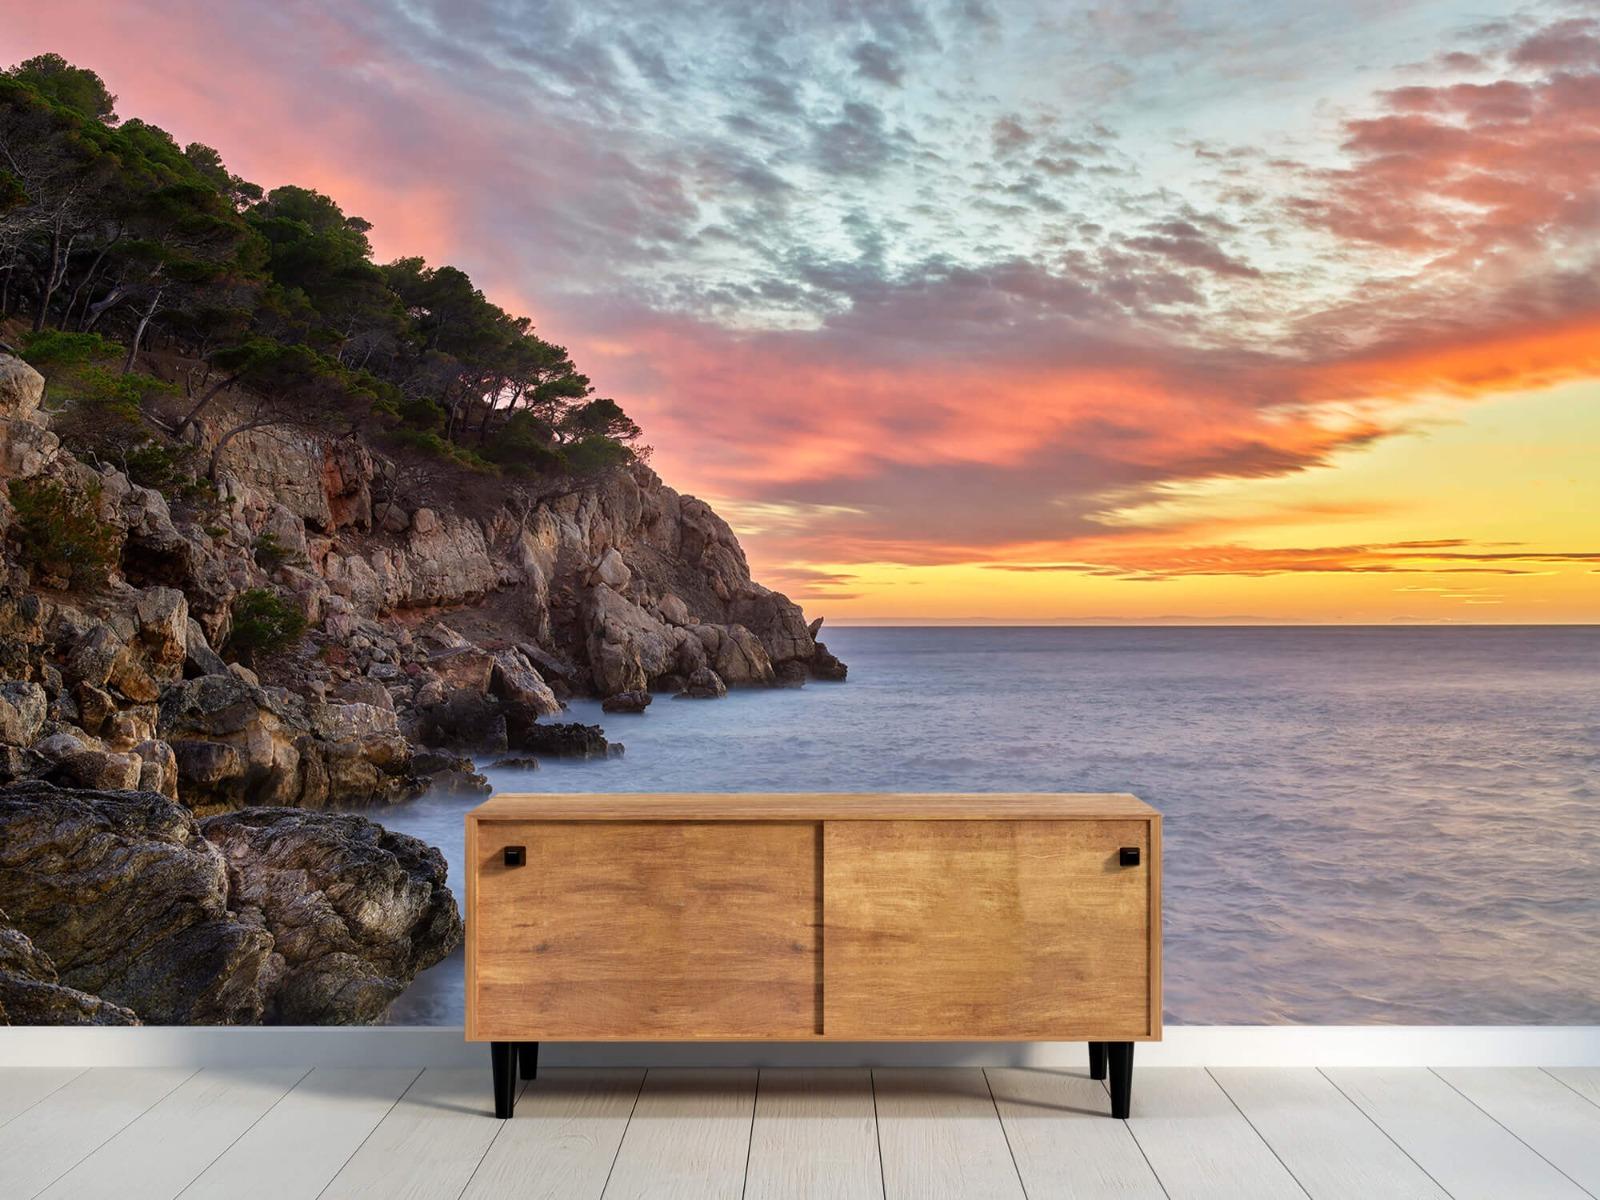 Zeeën en Oceanen - Kleurrijke zonsondergang - Slaapkamer 10